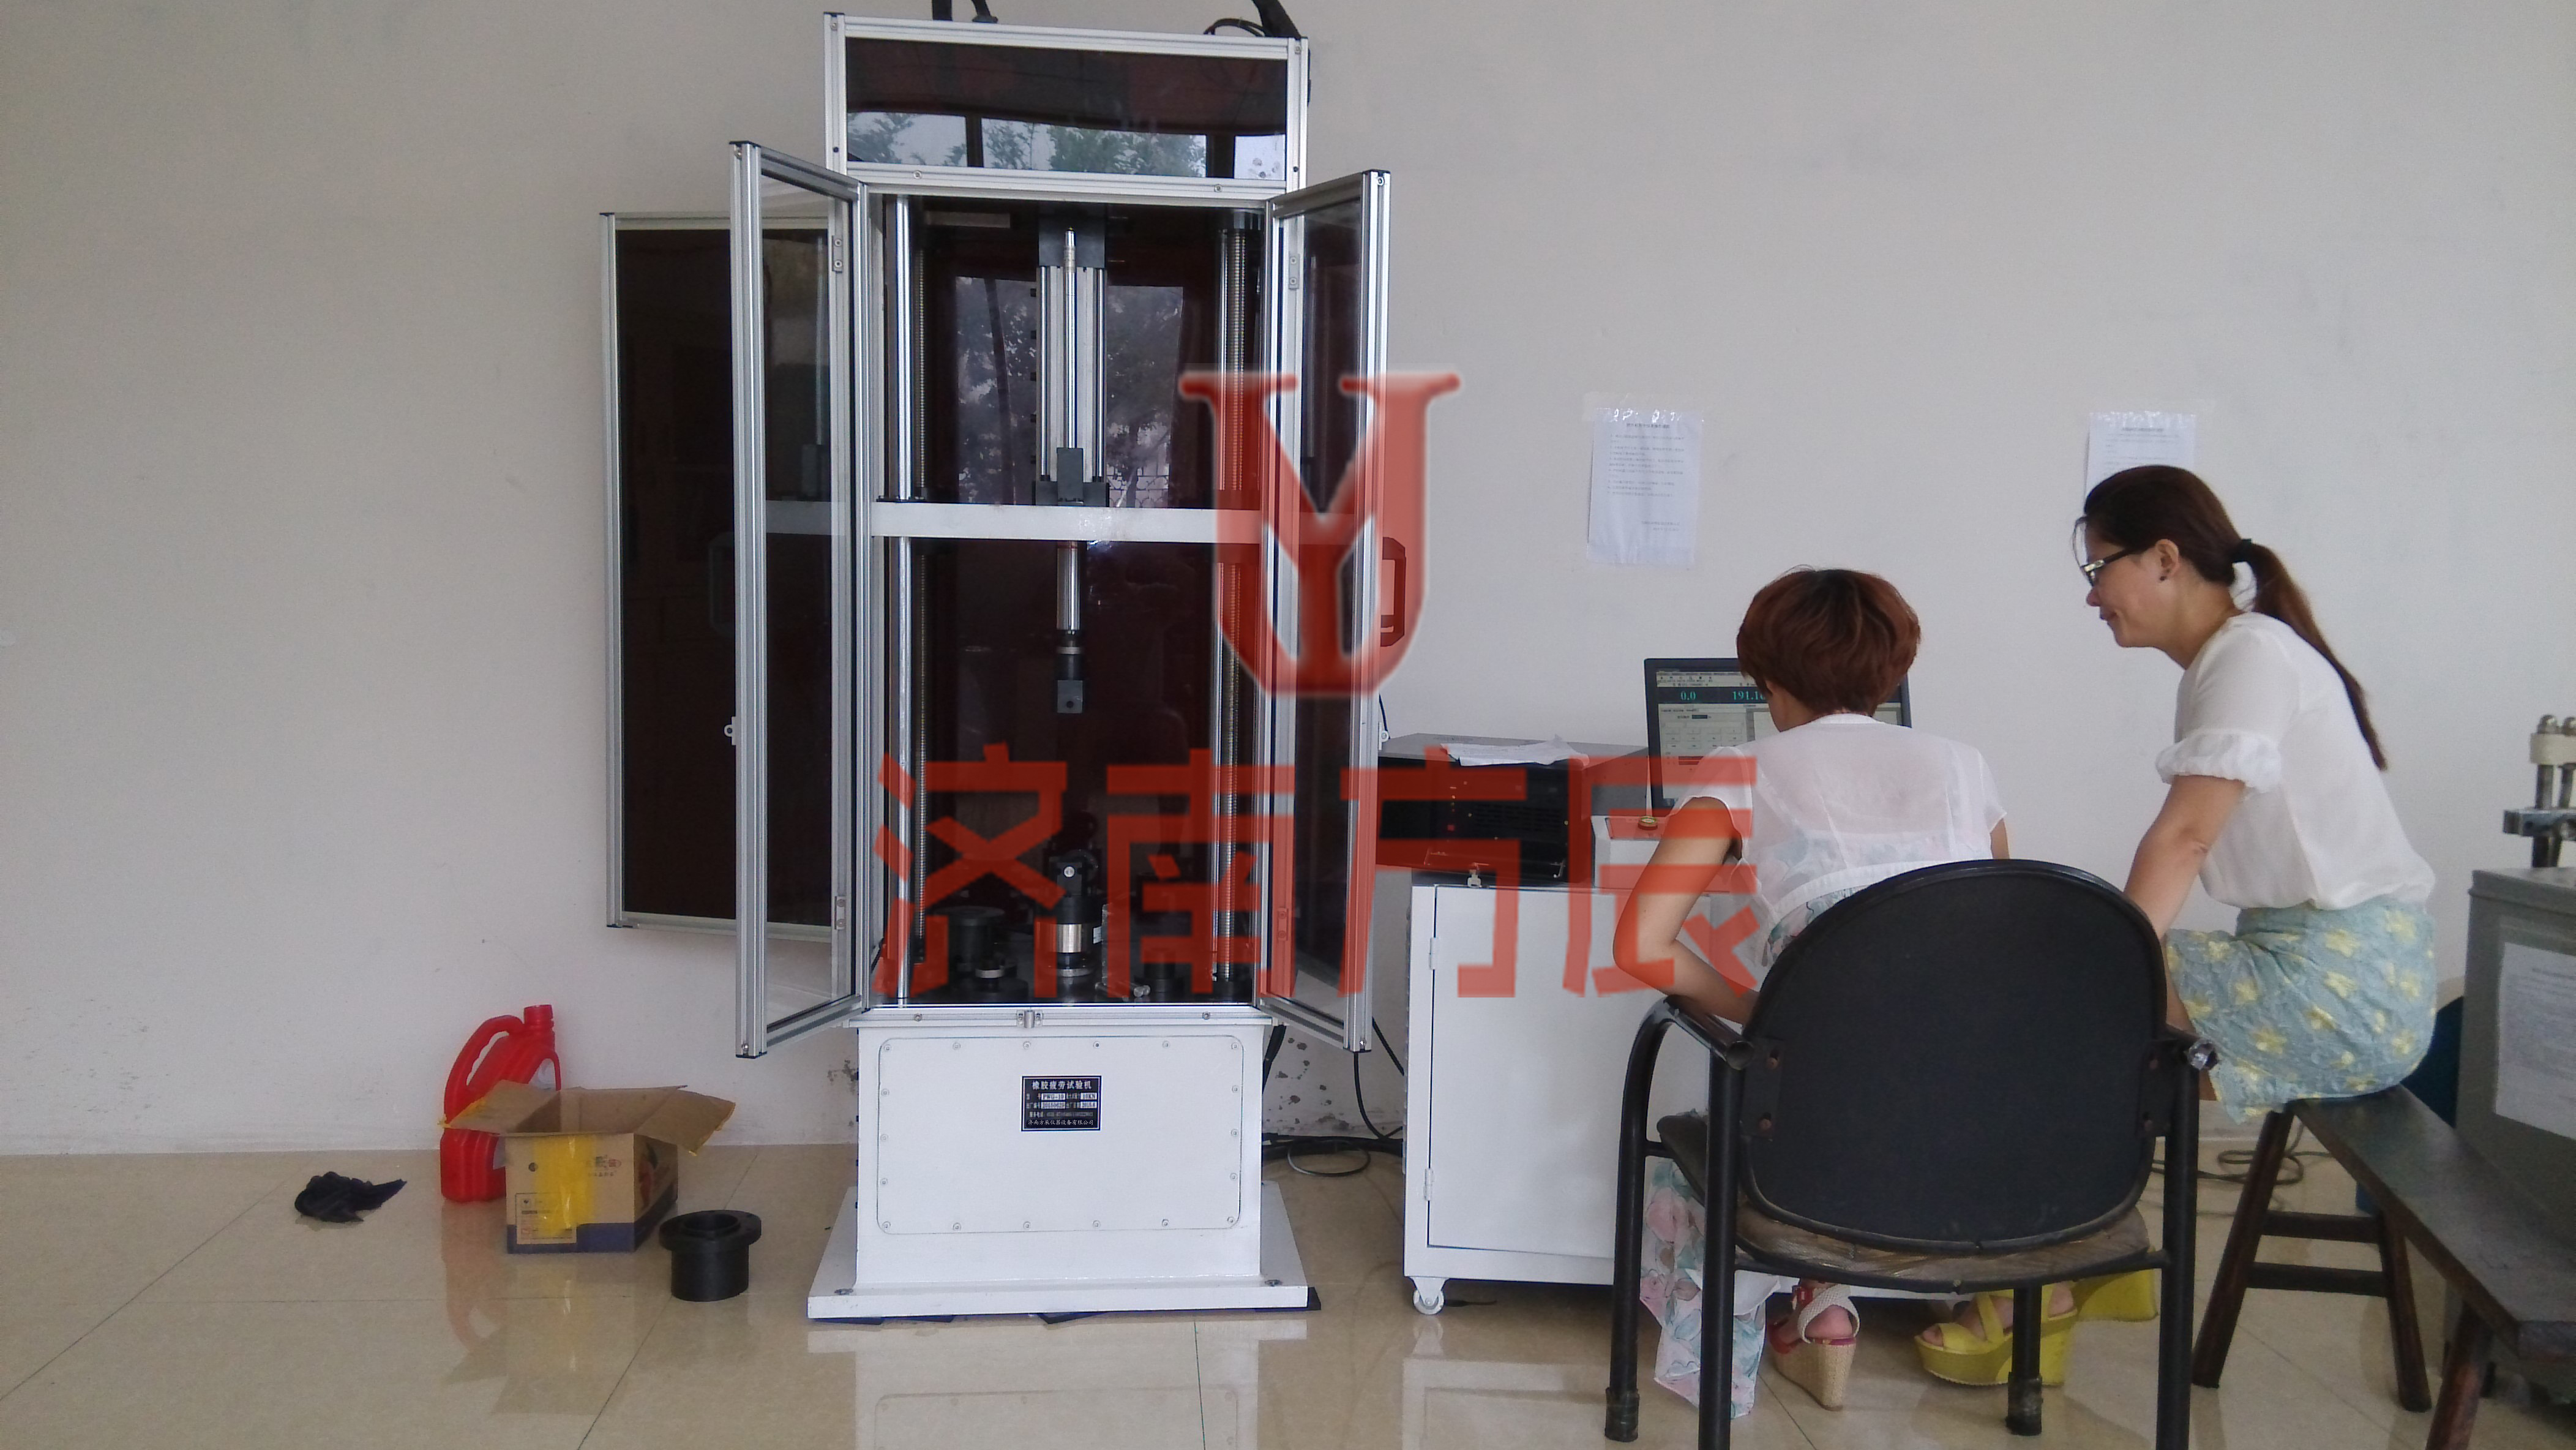 供应微机控制试验机,wdw系列微机控制试验机采用伺服电机及伺服调